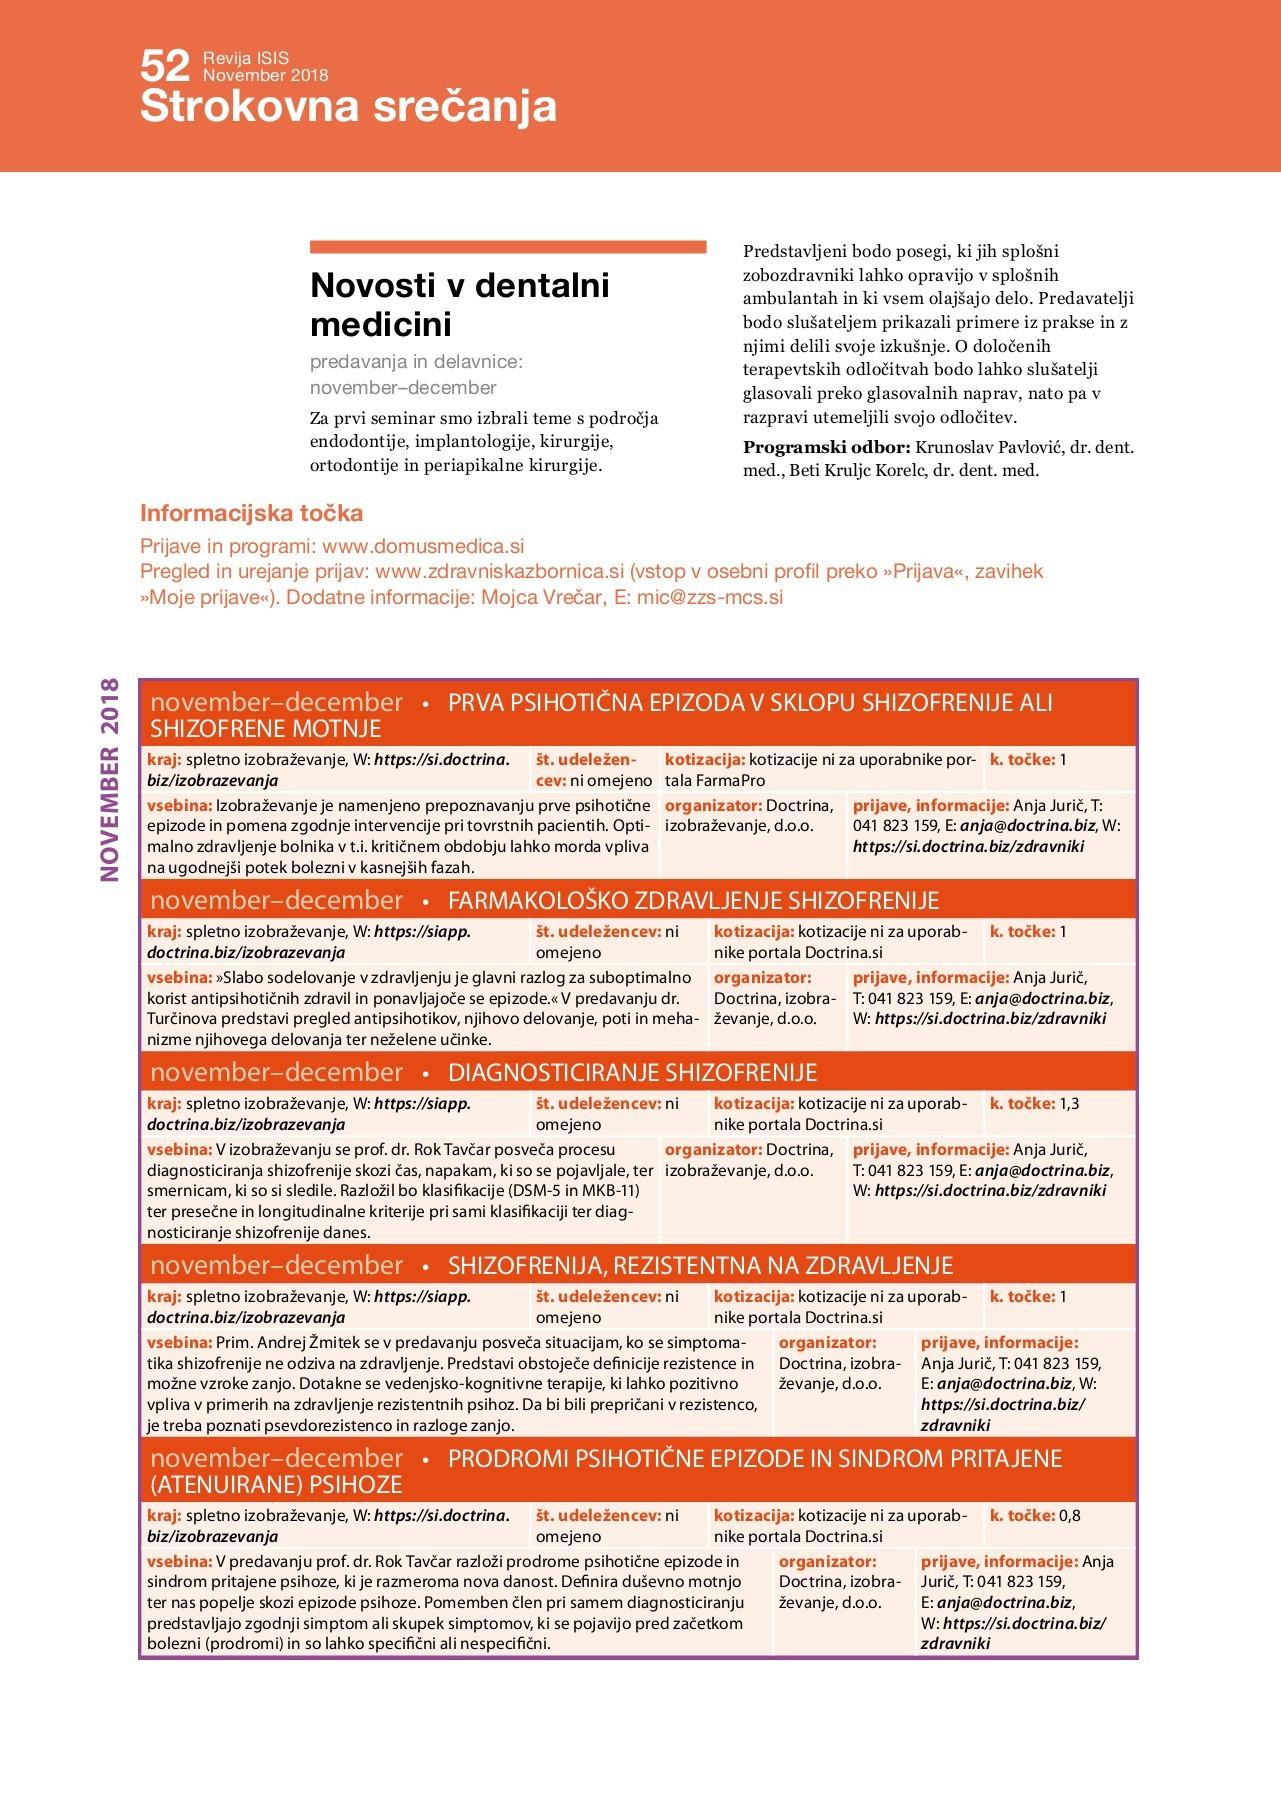 Praktične smjernice za postavljanje dijagnoze arterijske hipertenzije - Medix